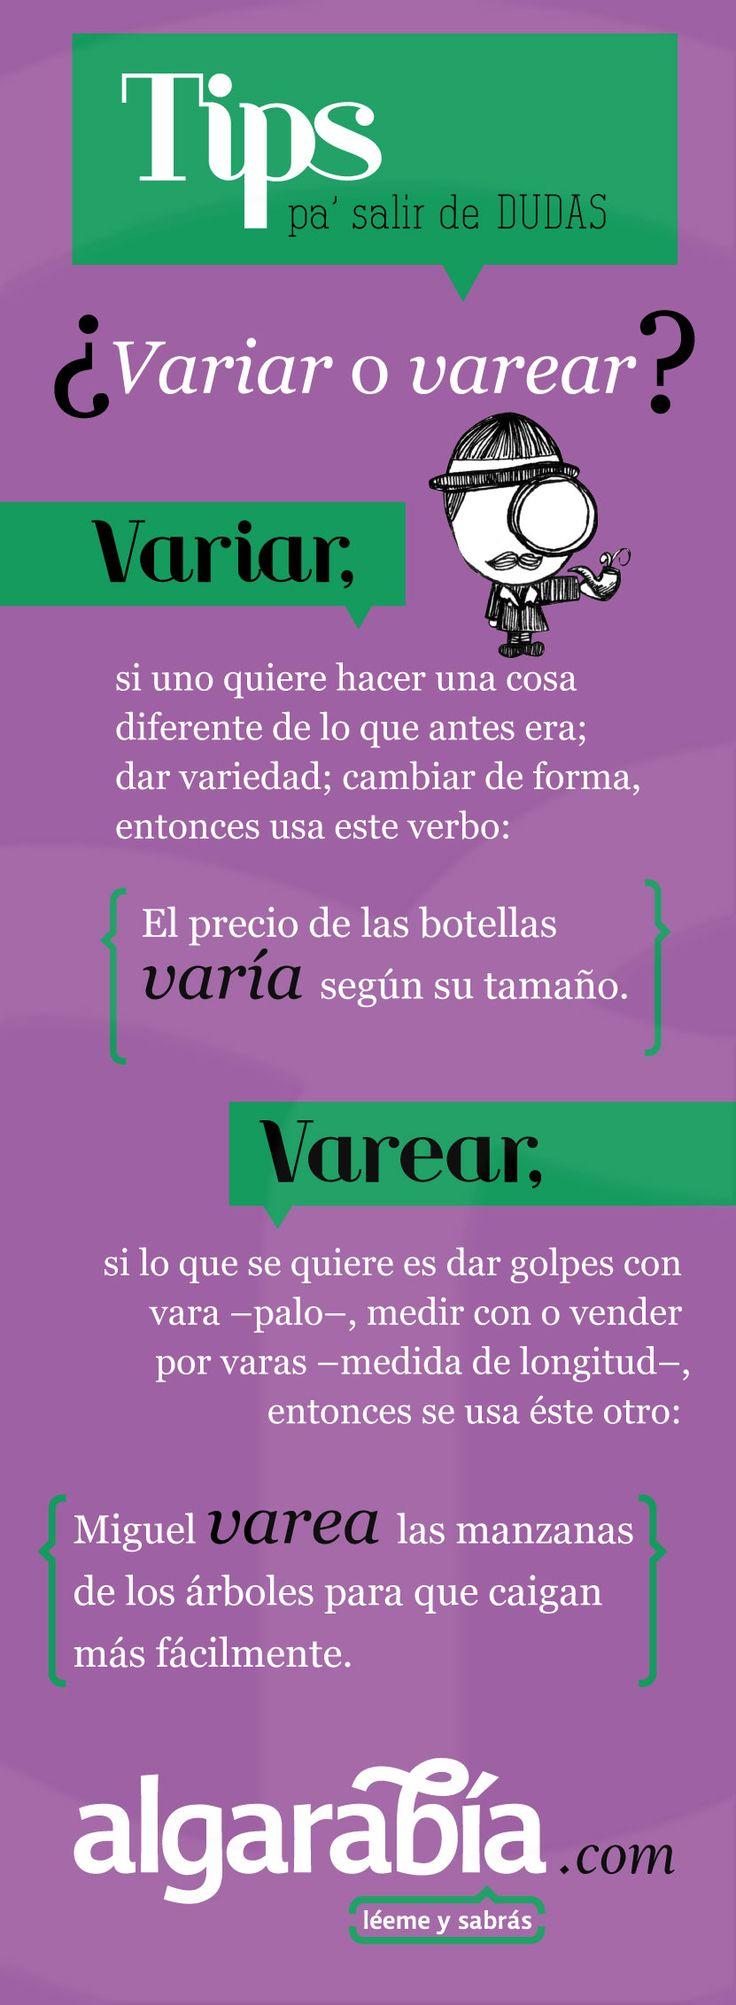 ¿Variar o varear? #tip #lengua #español